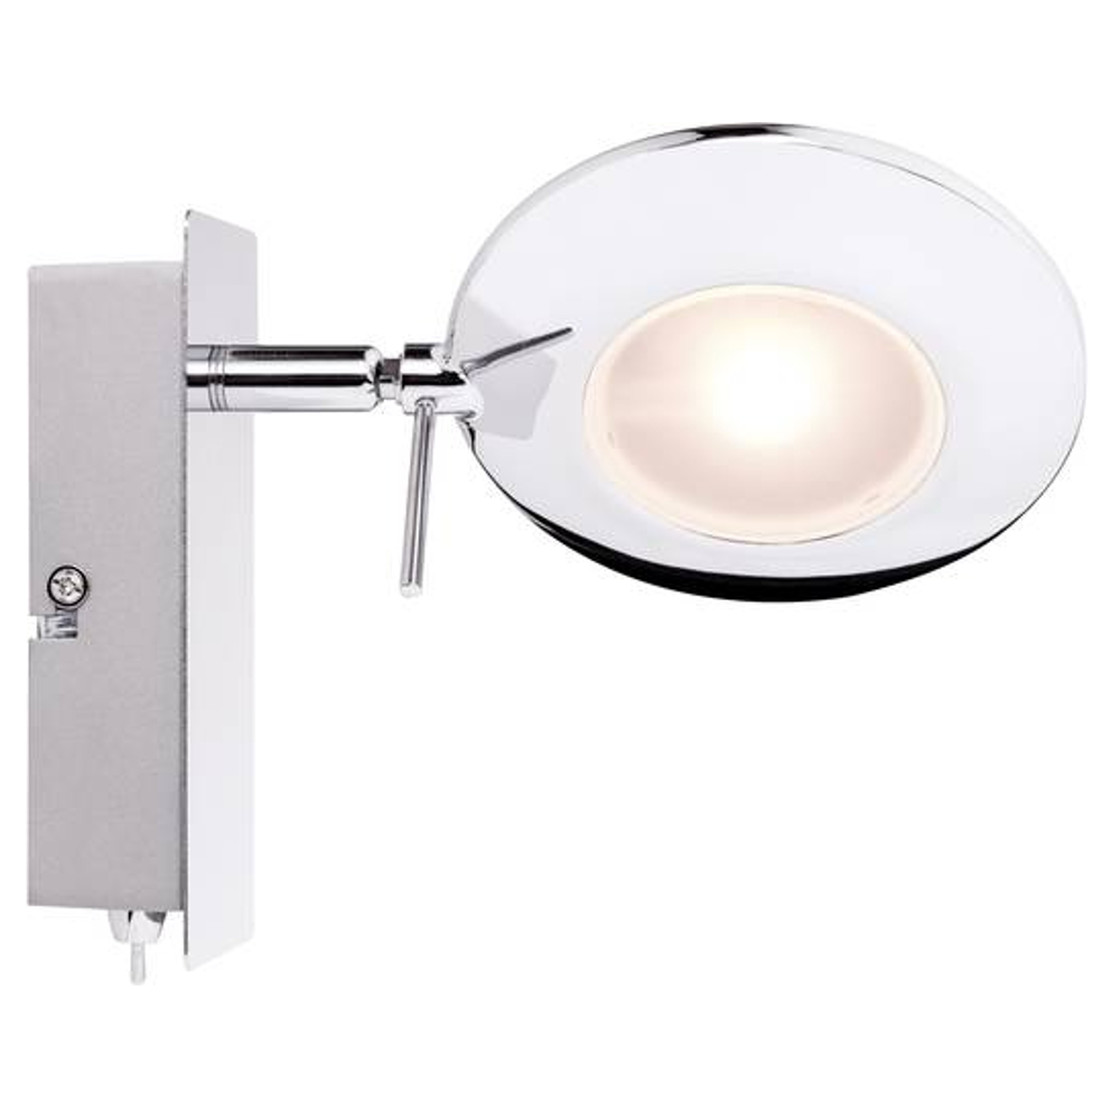 Paulmann orb strahler led 2x3w weiss inkl for Lampen rampe